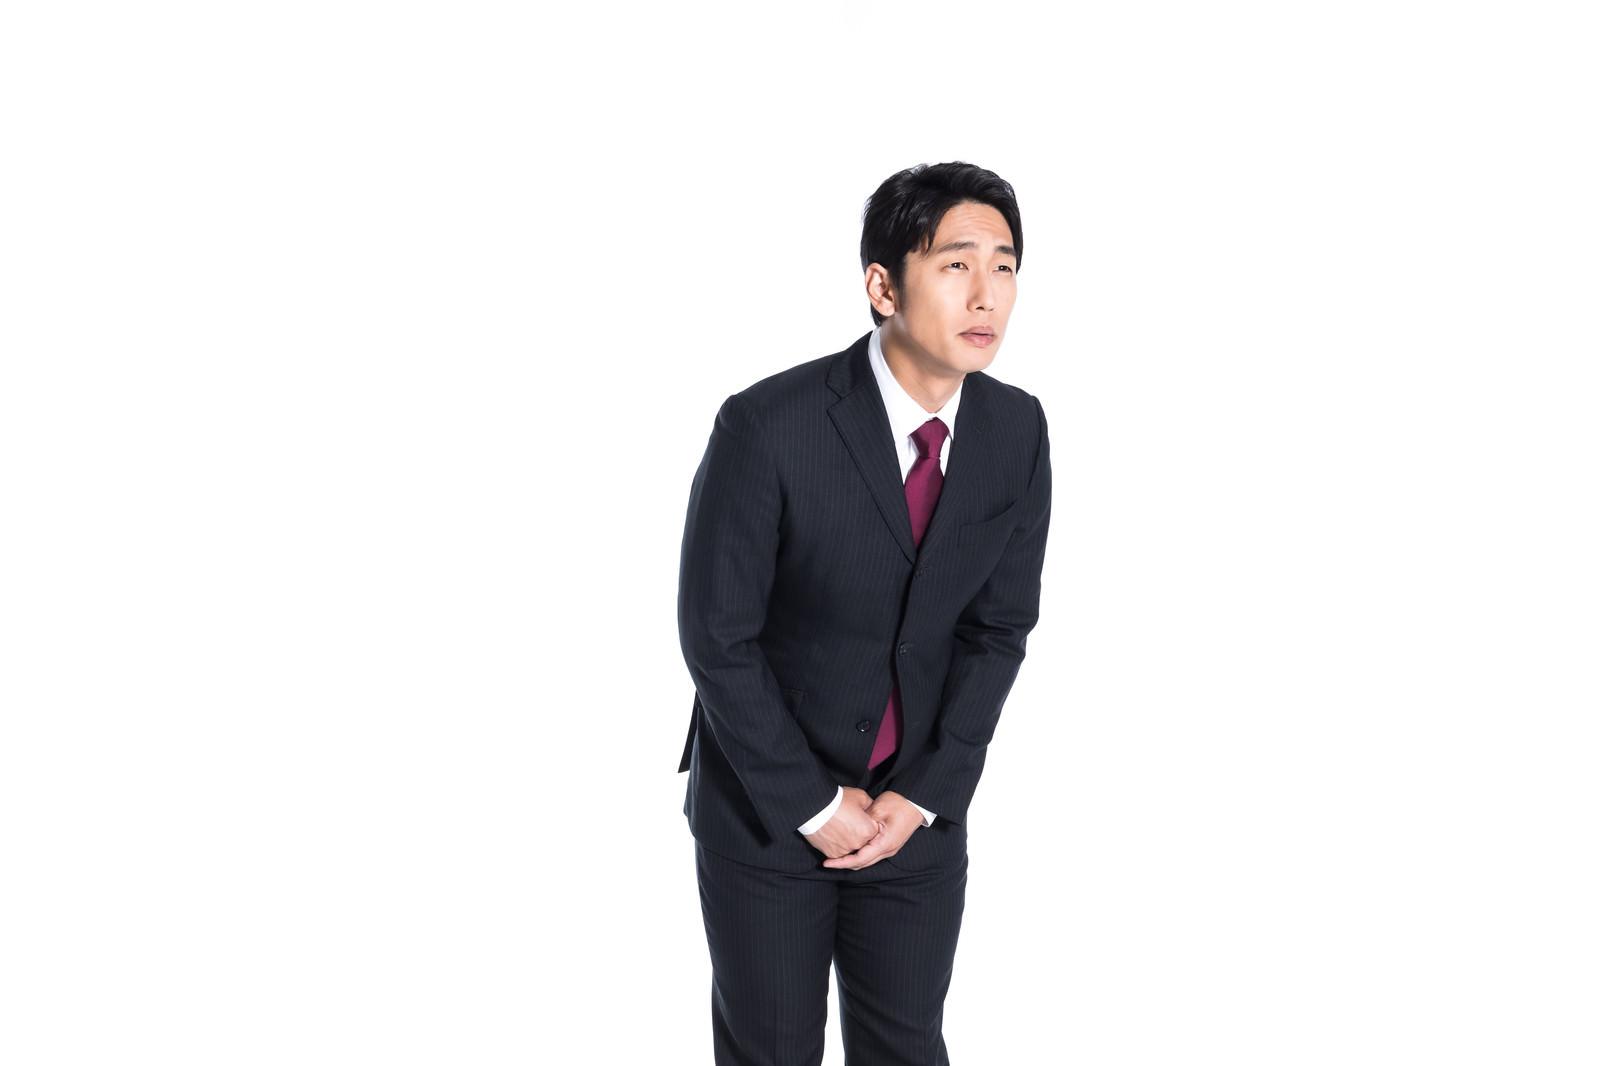 「批判を受け止める会社員」の写真[モデル:大川竜弥]